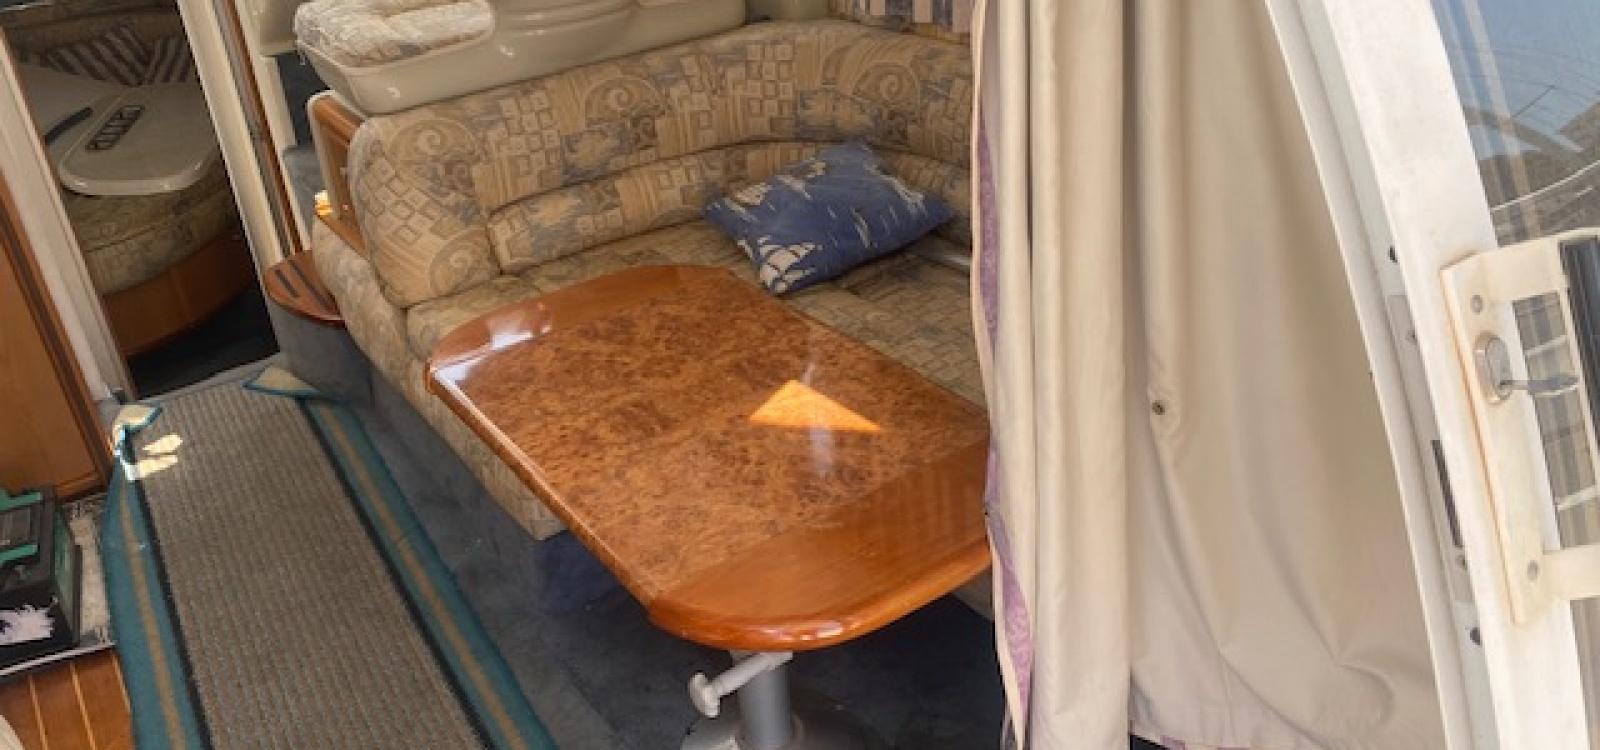 El Masnou,Barcelona,España,2 Habitaciones Habitaciones,1 BañoLavabos,Barco a motor,2142